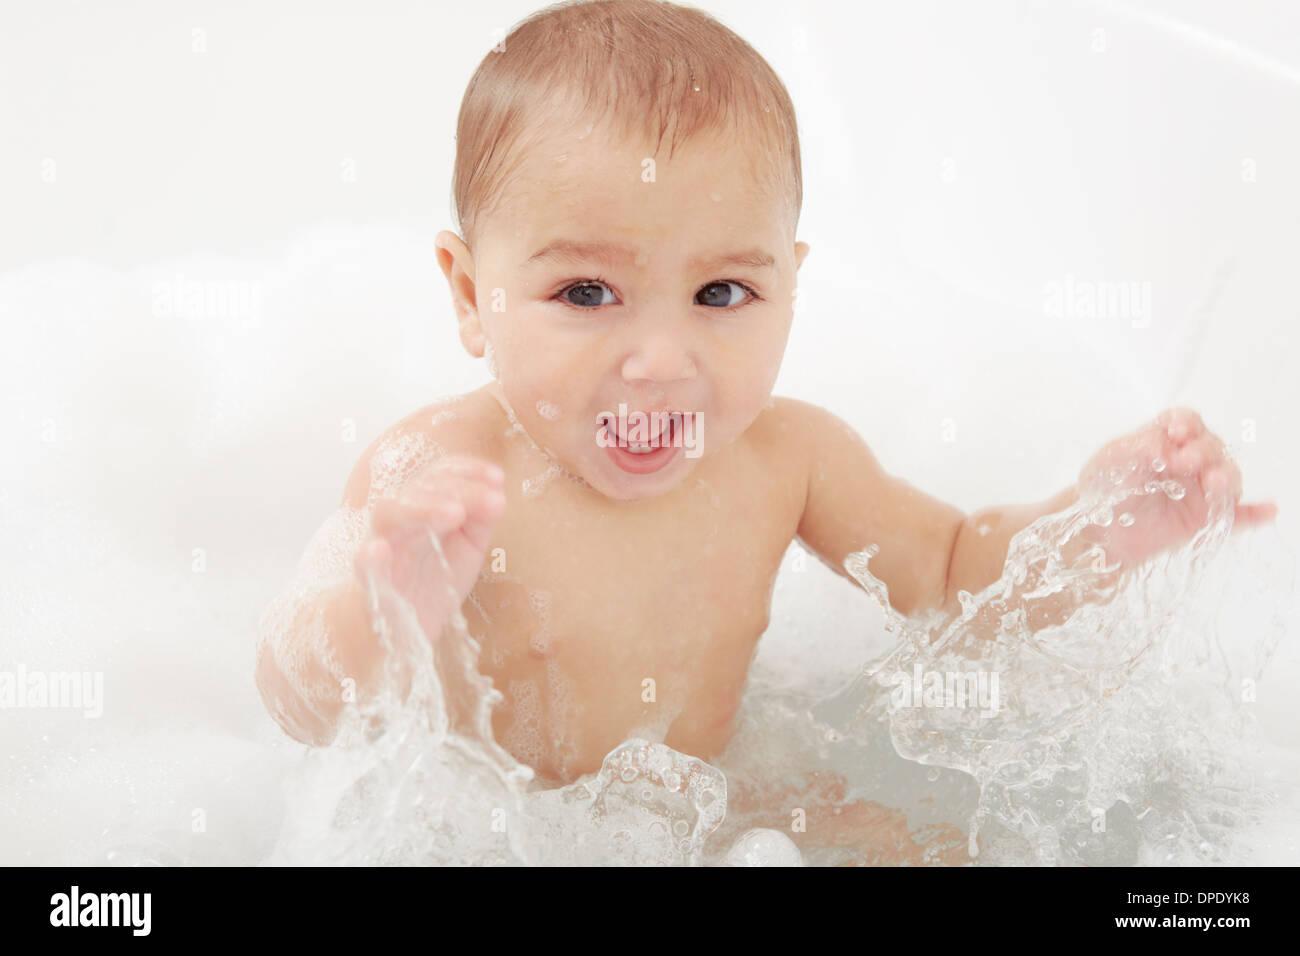 Baby splashing in bathtub Stock Photo: 65460620 - Alamy